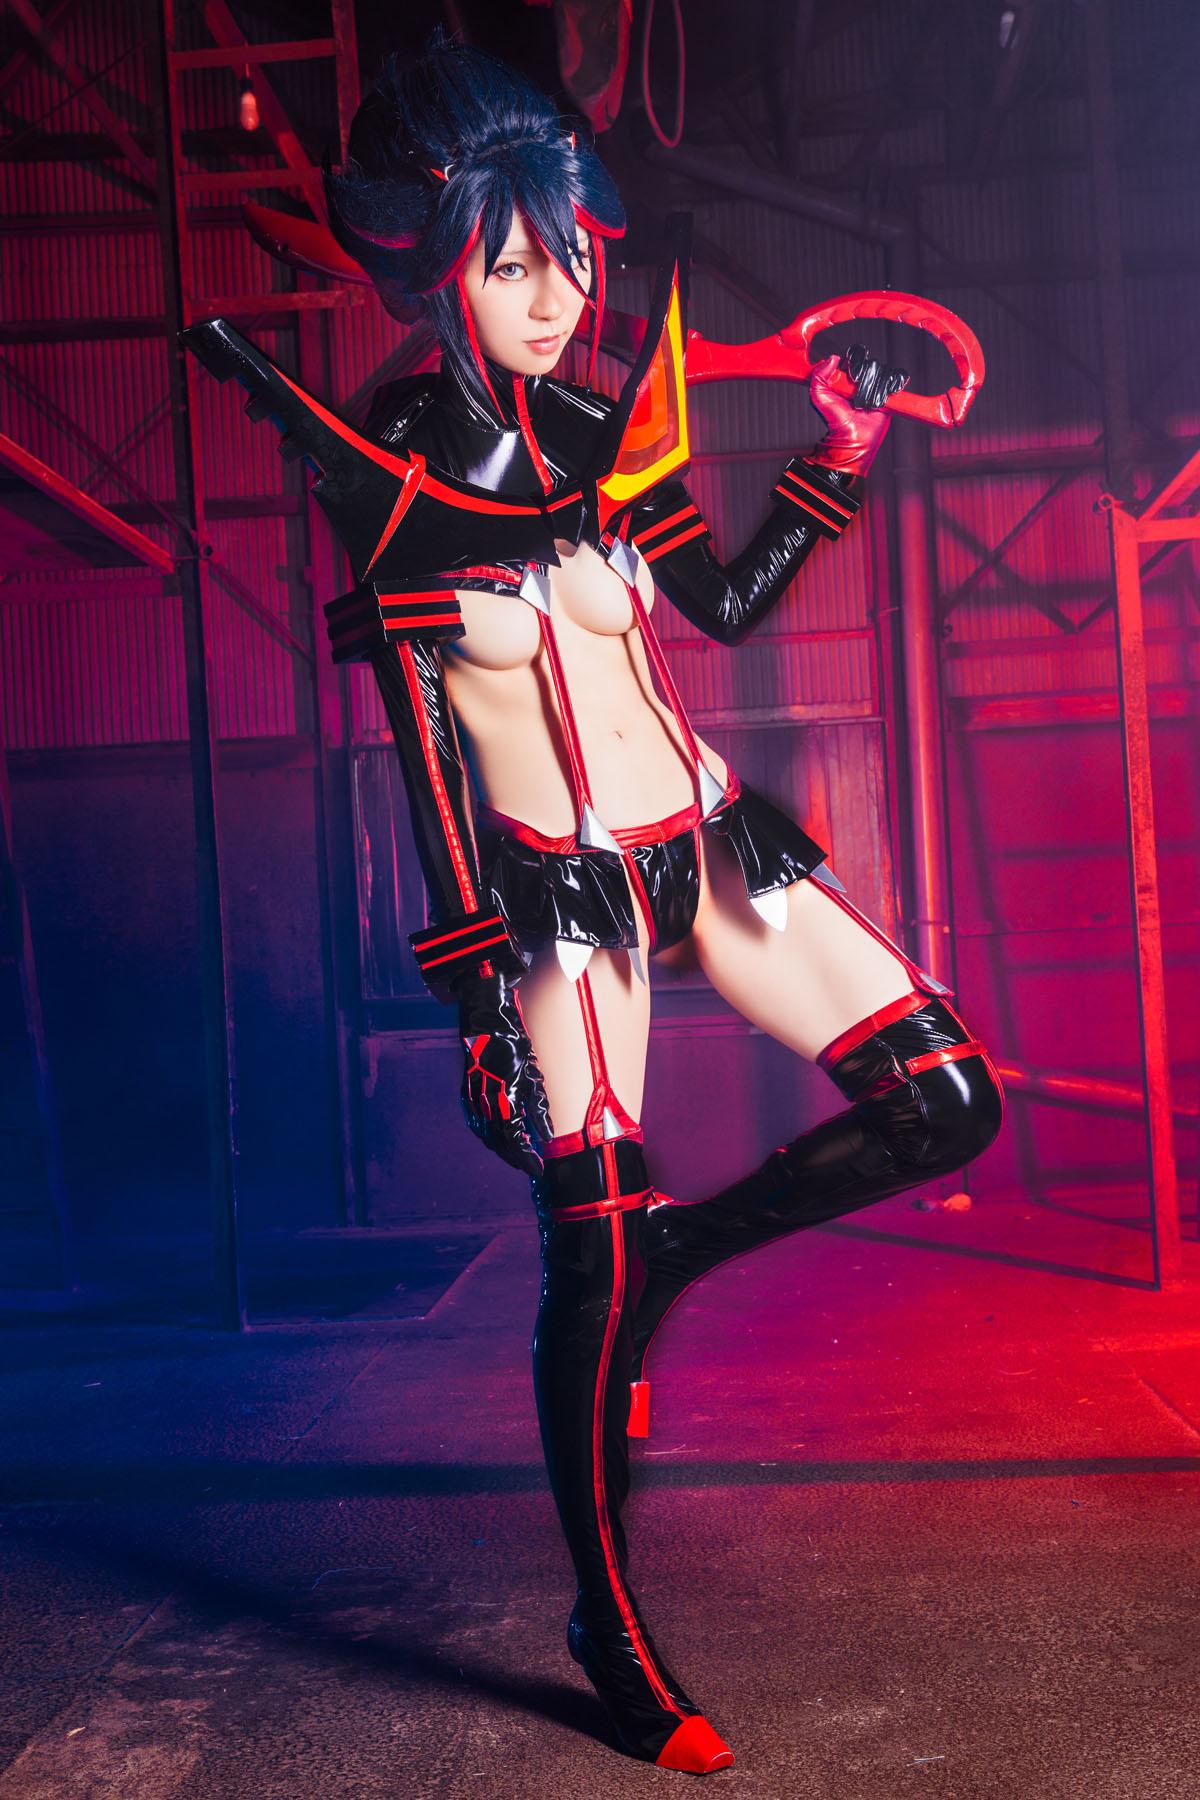 Kill la Kill Ryuuko Matoi anime cosplay by Mikehouse 0071